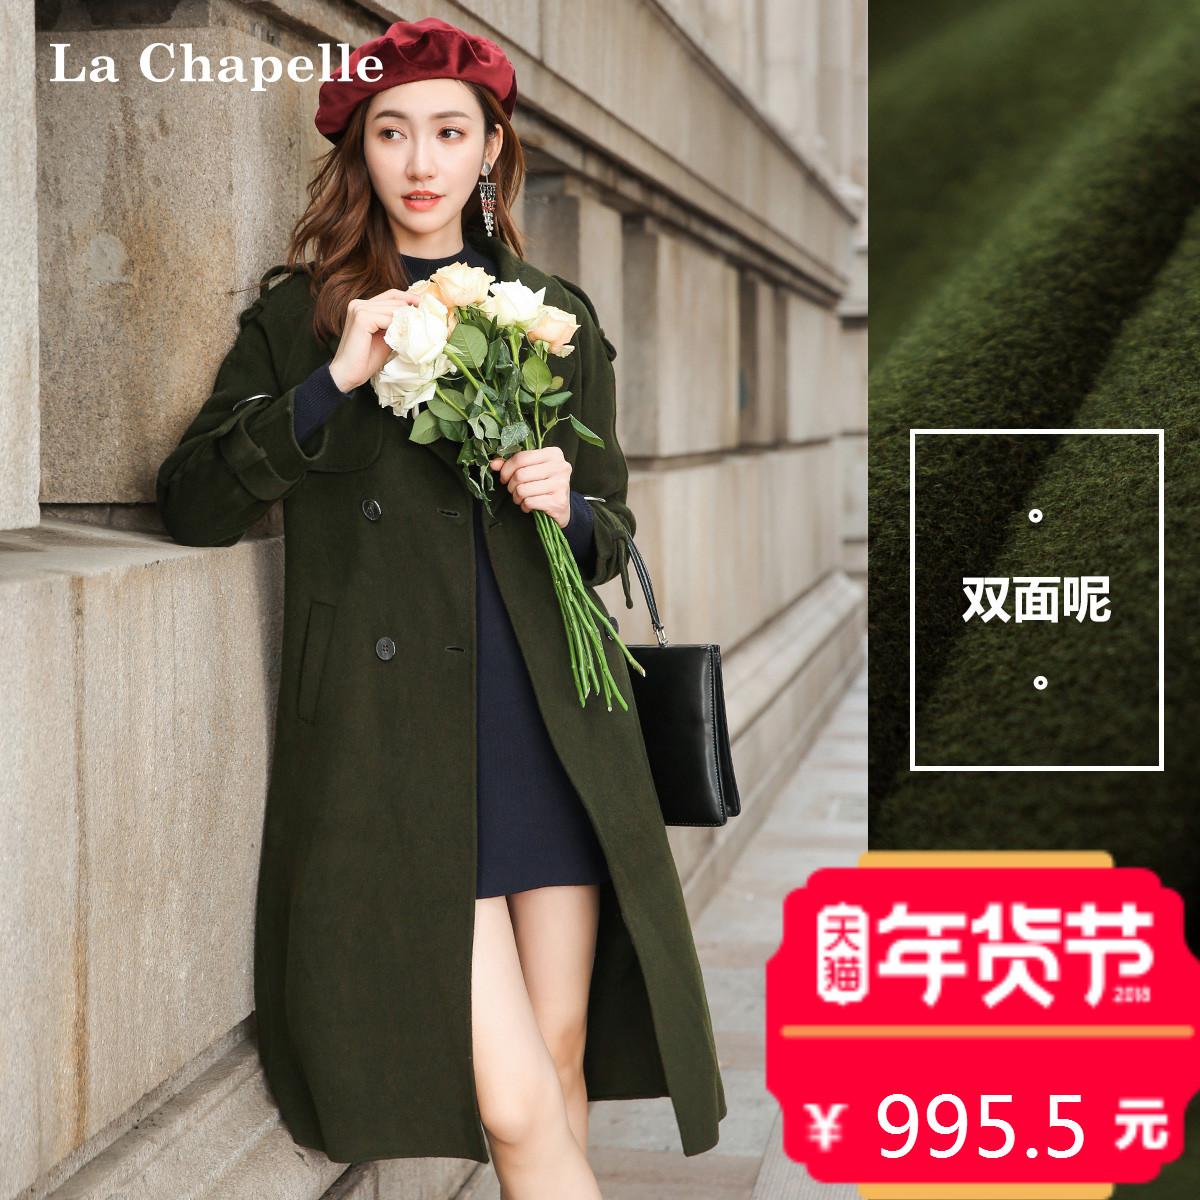 双面呢大衣女2017秋冬季新款韩版宽松长款过膝风衣羊毛呢子外套